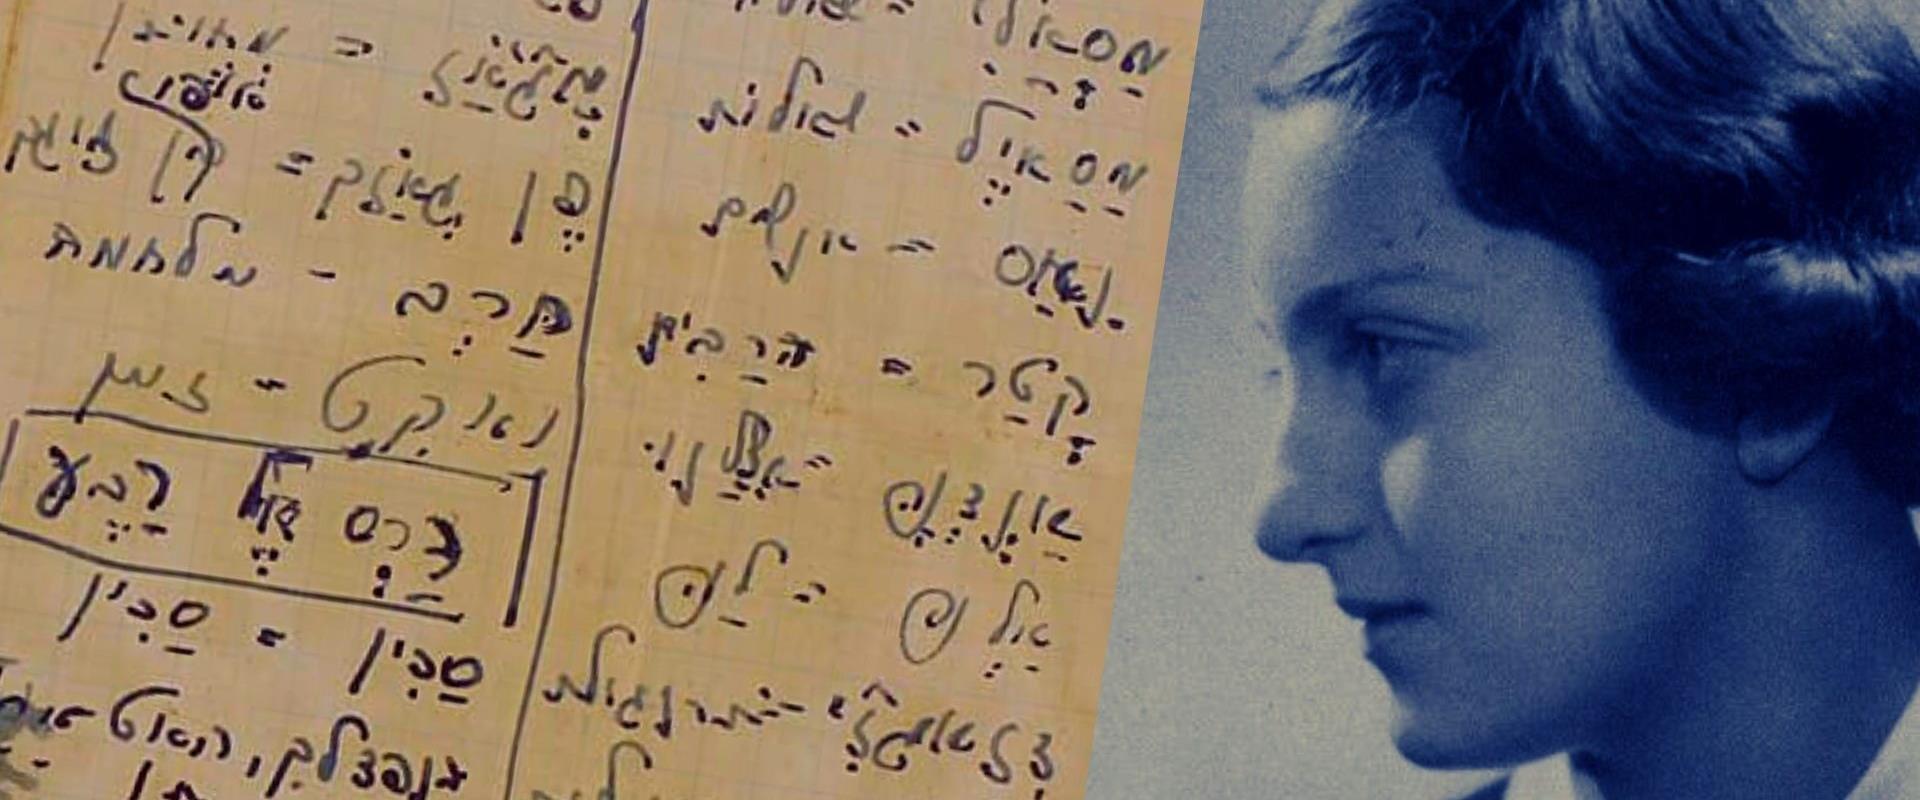 חנה סנש (מימין) ומחברתה ללימוד ערבית